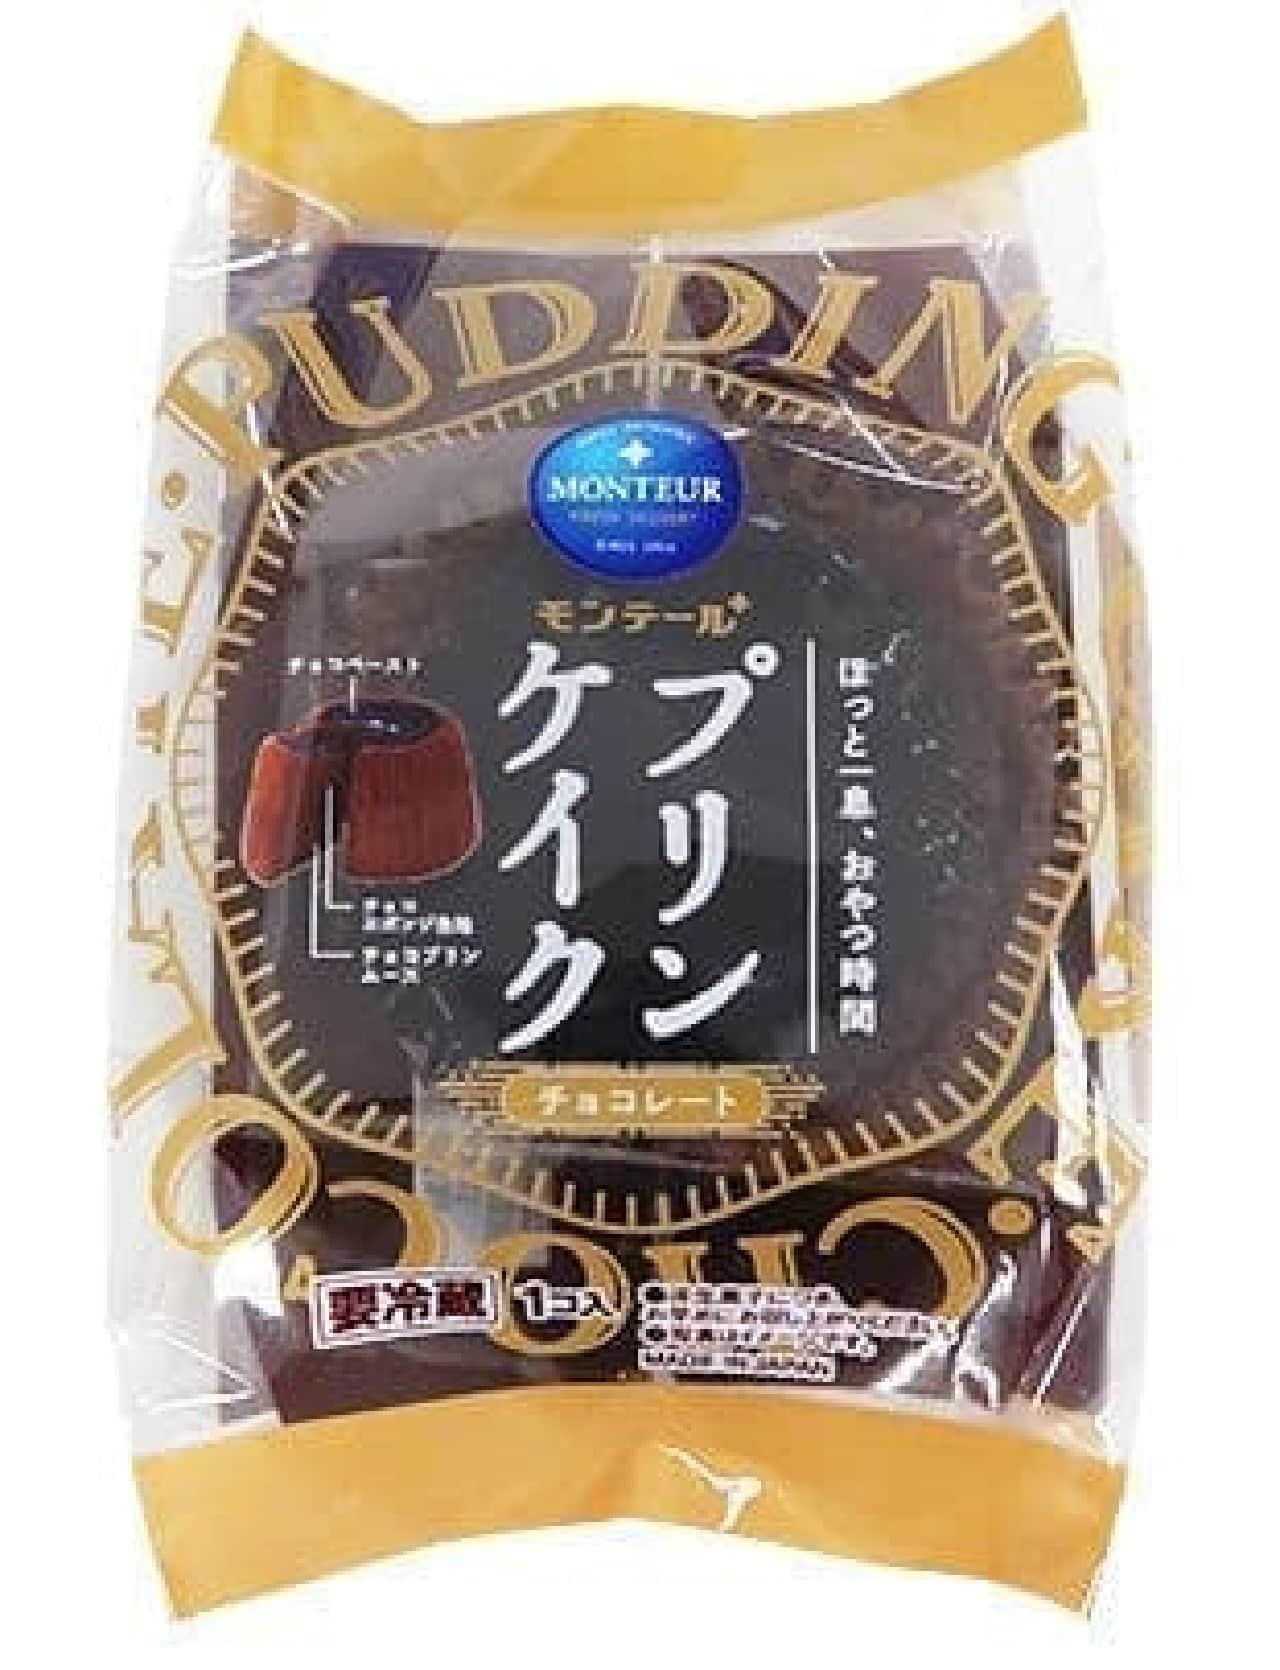 モンテール「プリンケイク・チョコレート」